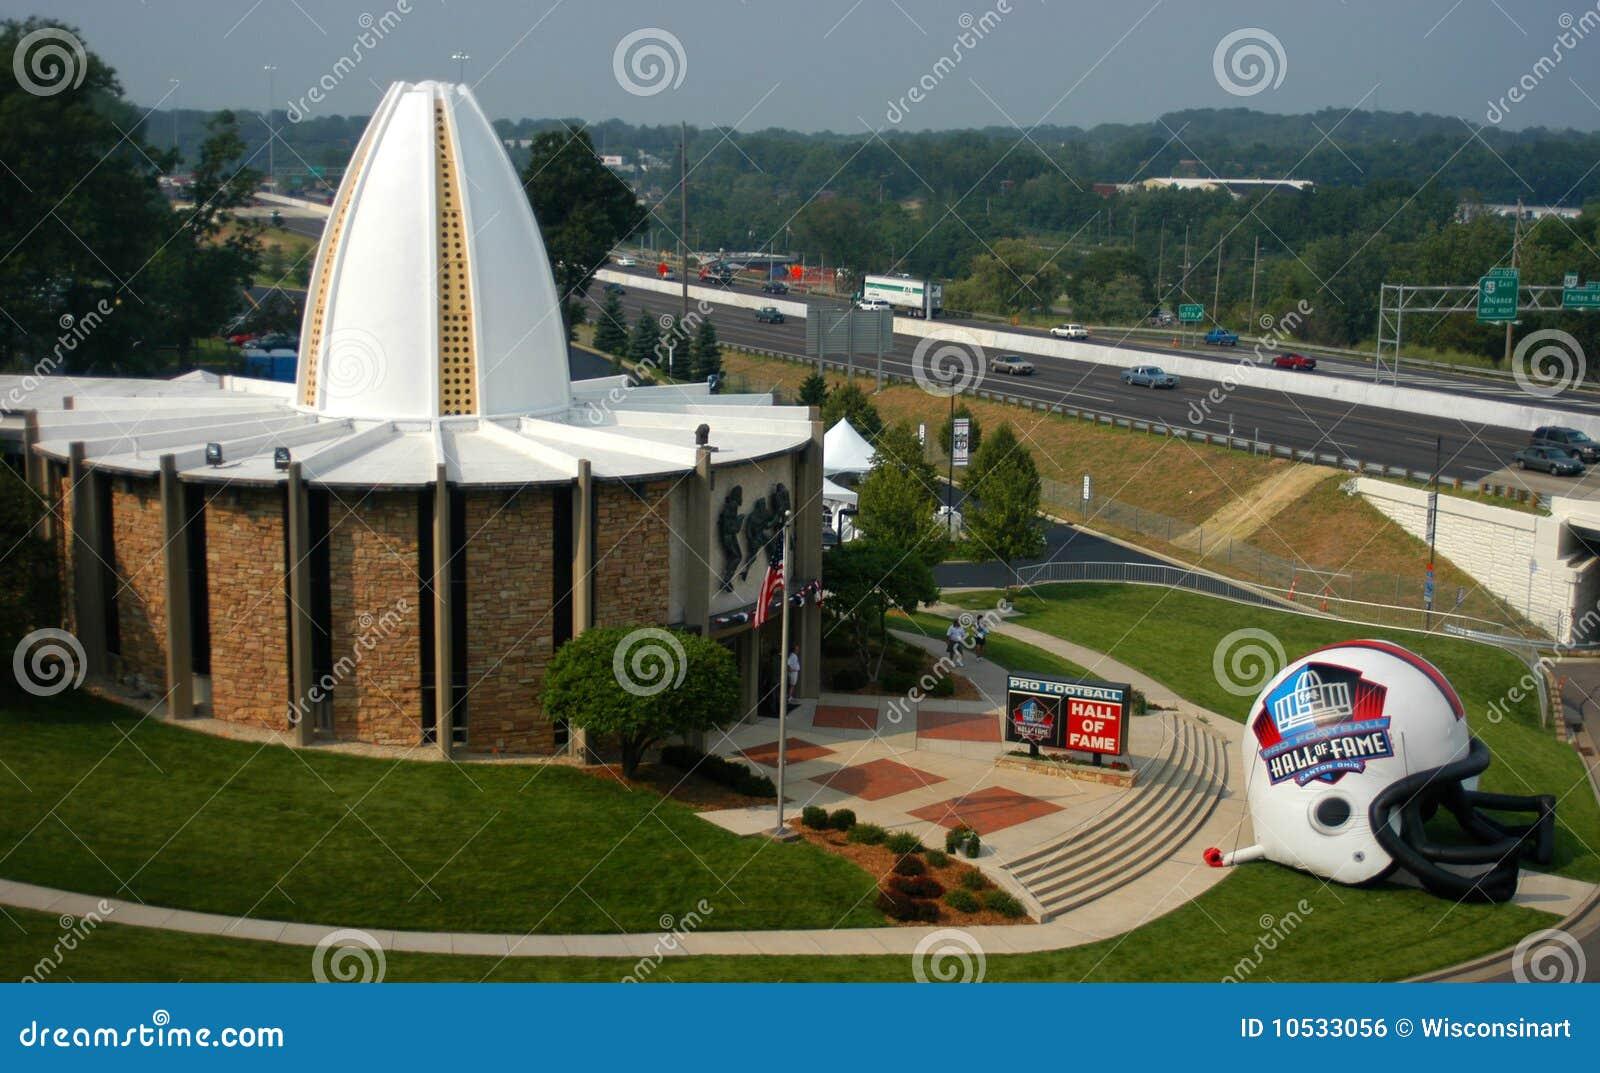 NFL Zaal van Bekendheid in Kanton, Ohio